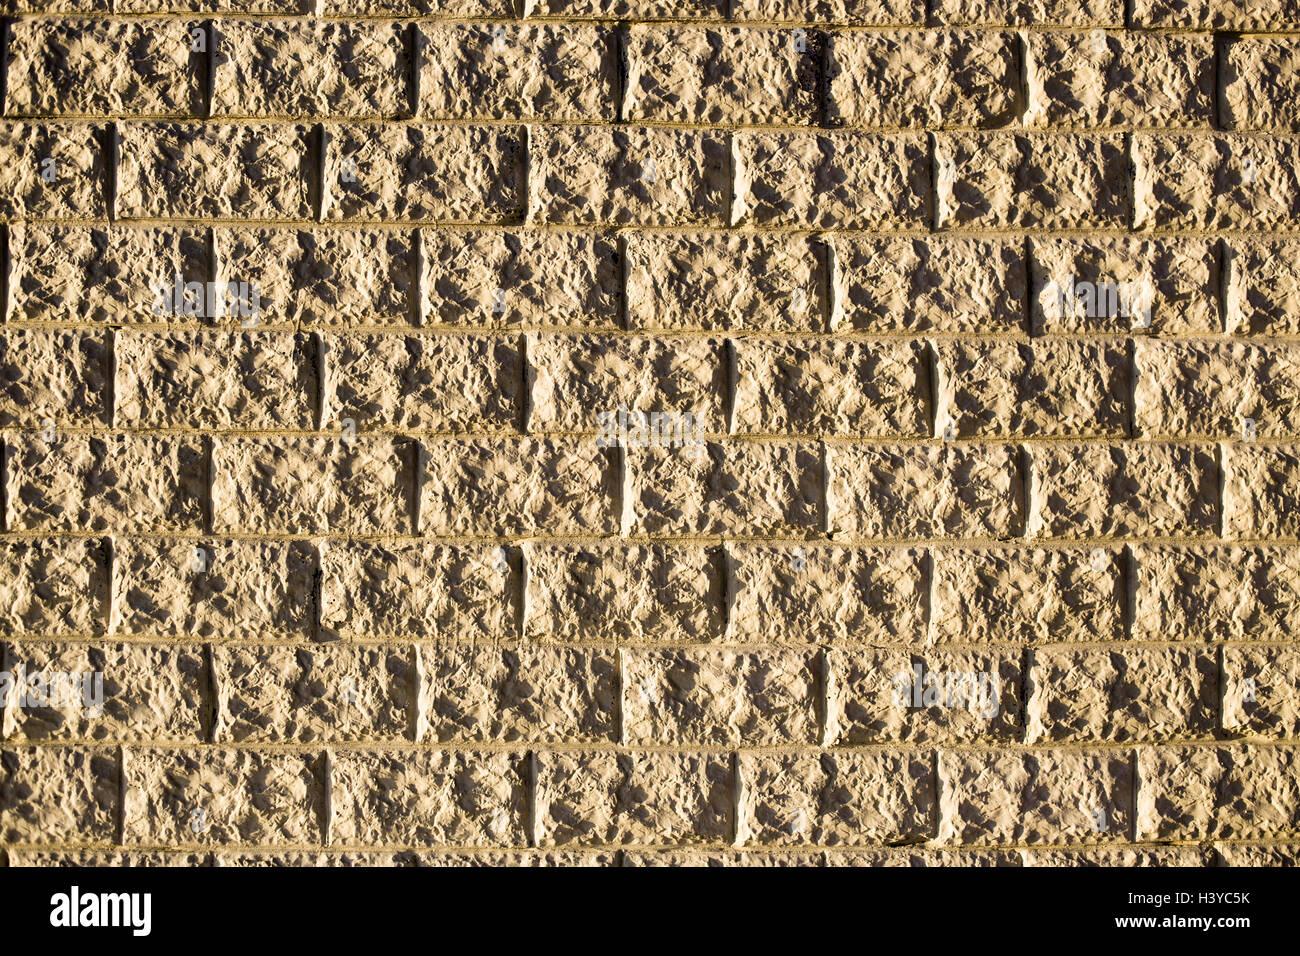 Parete strutturata di luce decorativa mattoni come sfondo o texture nella luce solare naturale Immagini Stock